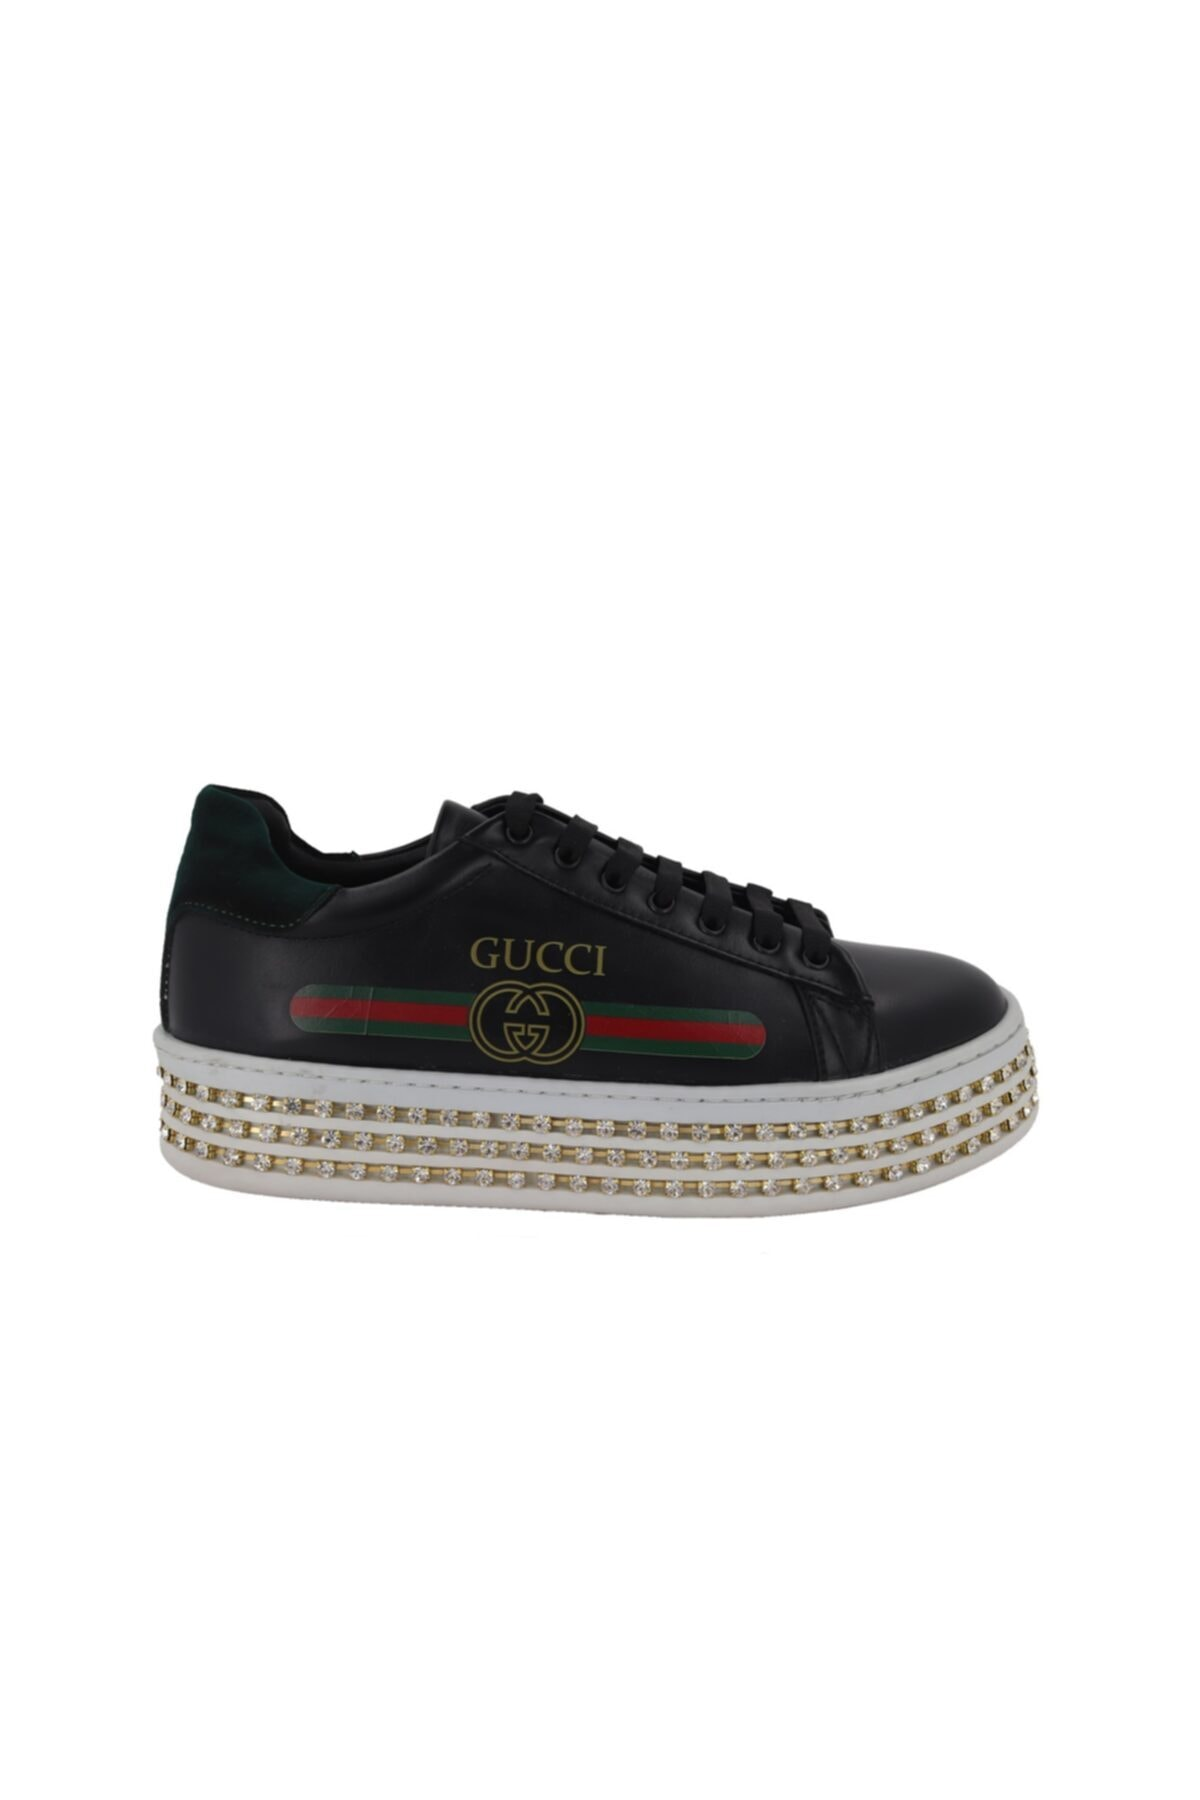 Hobby Prins Siyah Kadın Spor Ayakkabı 85 1